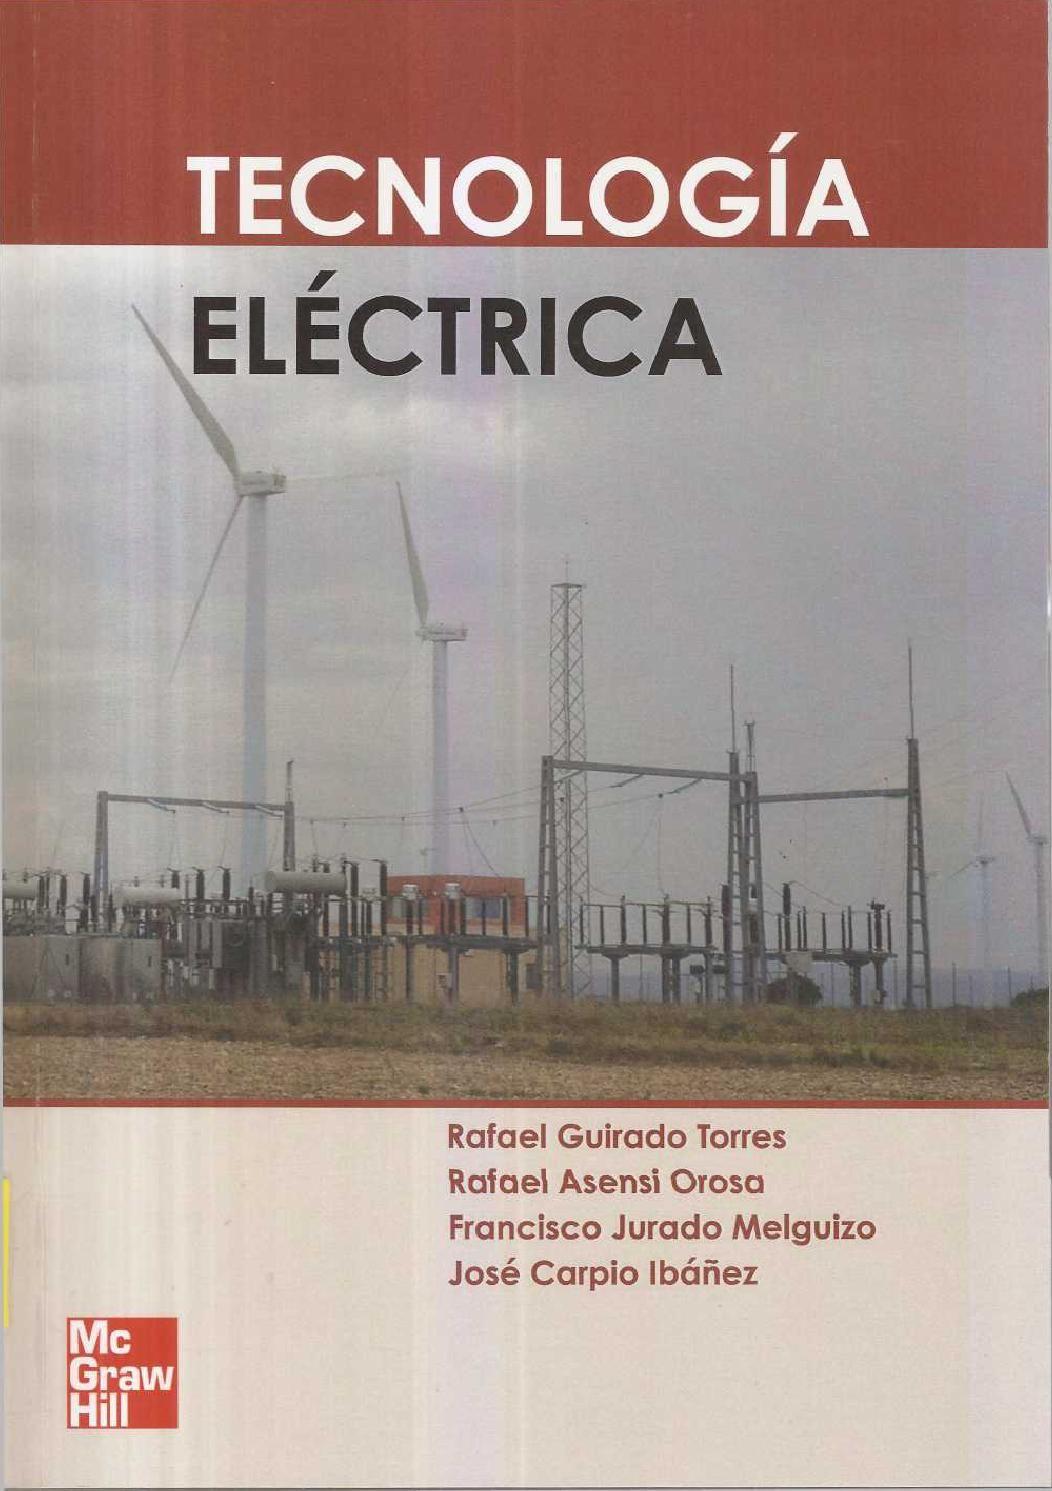 Circuito Que Recorre La Electricidad Desde Su Generación Hasta Su Consumo : Tecnología eléctrica mcgraw hill libros de ingenieria